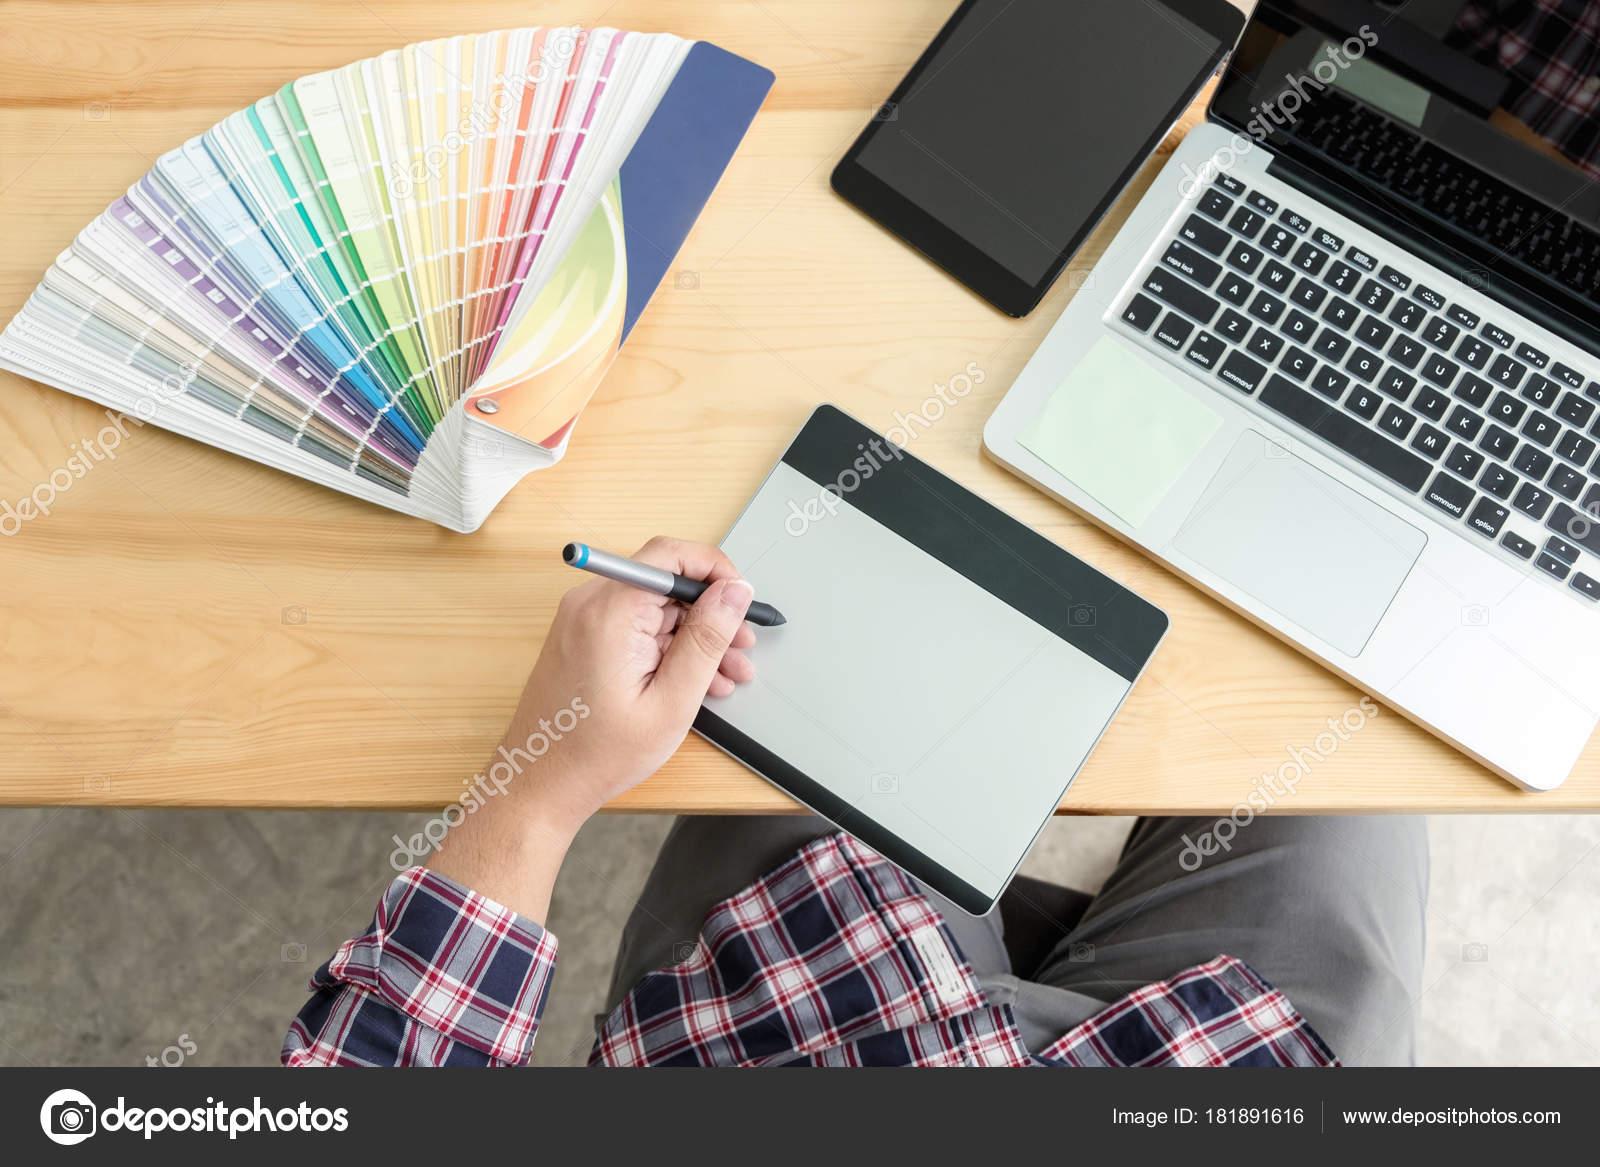 Архитектурный чертеж с рабочими инструментами, графический дизайнер работа  с цифровой рисунок планшета и пера на компьютер и цвет swatches на столе,  ... a8ec26c5443